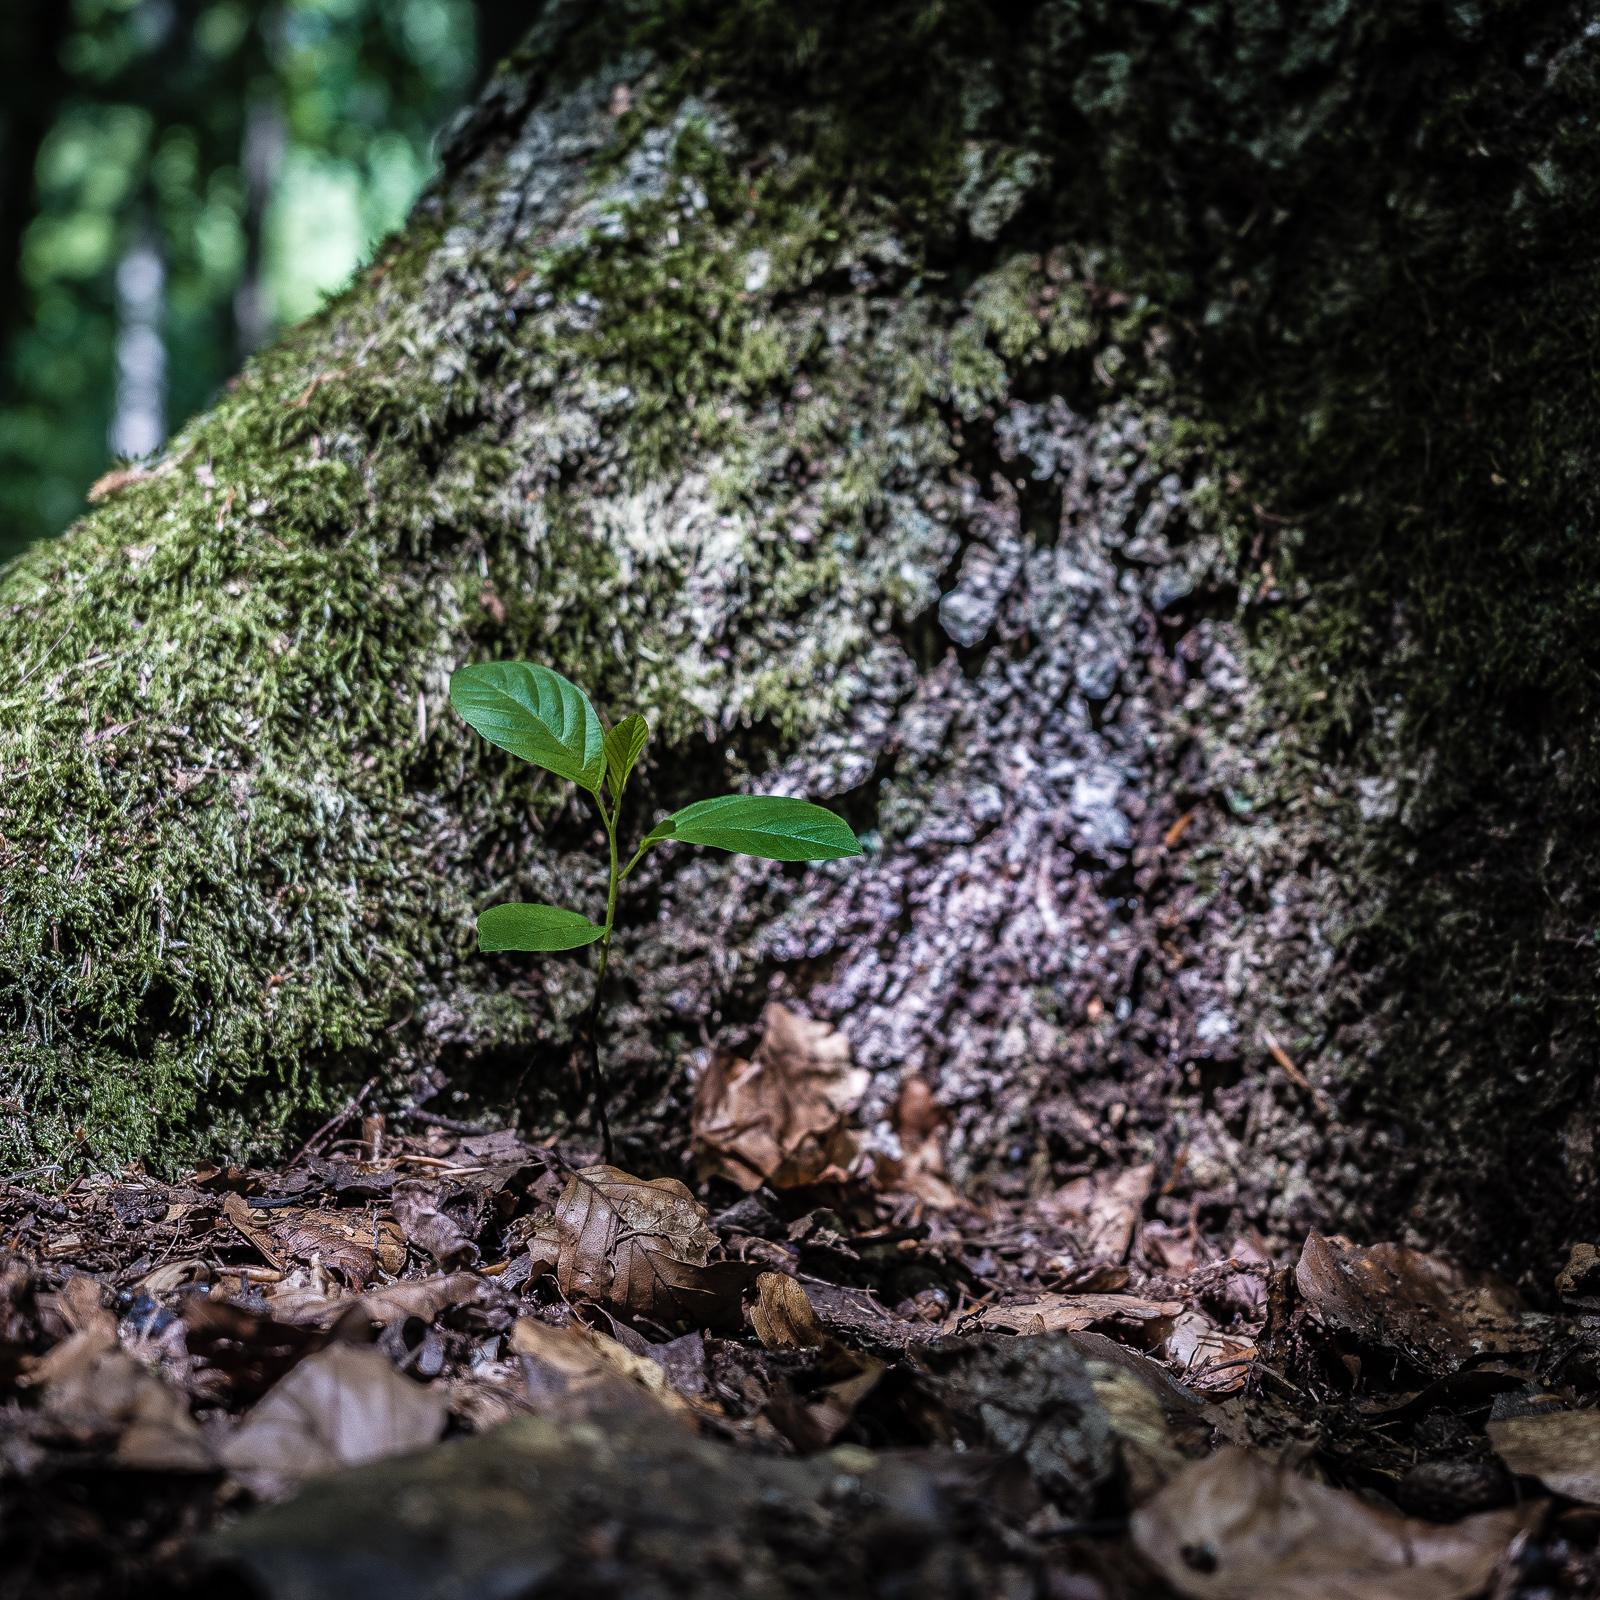 Baumkeimling eng an der Wurzel eines großen Baumes